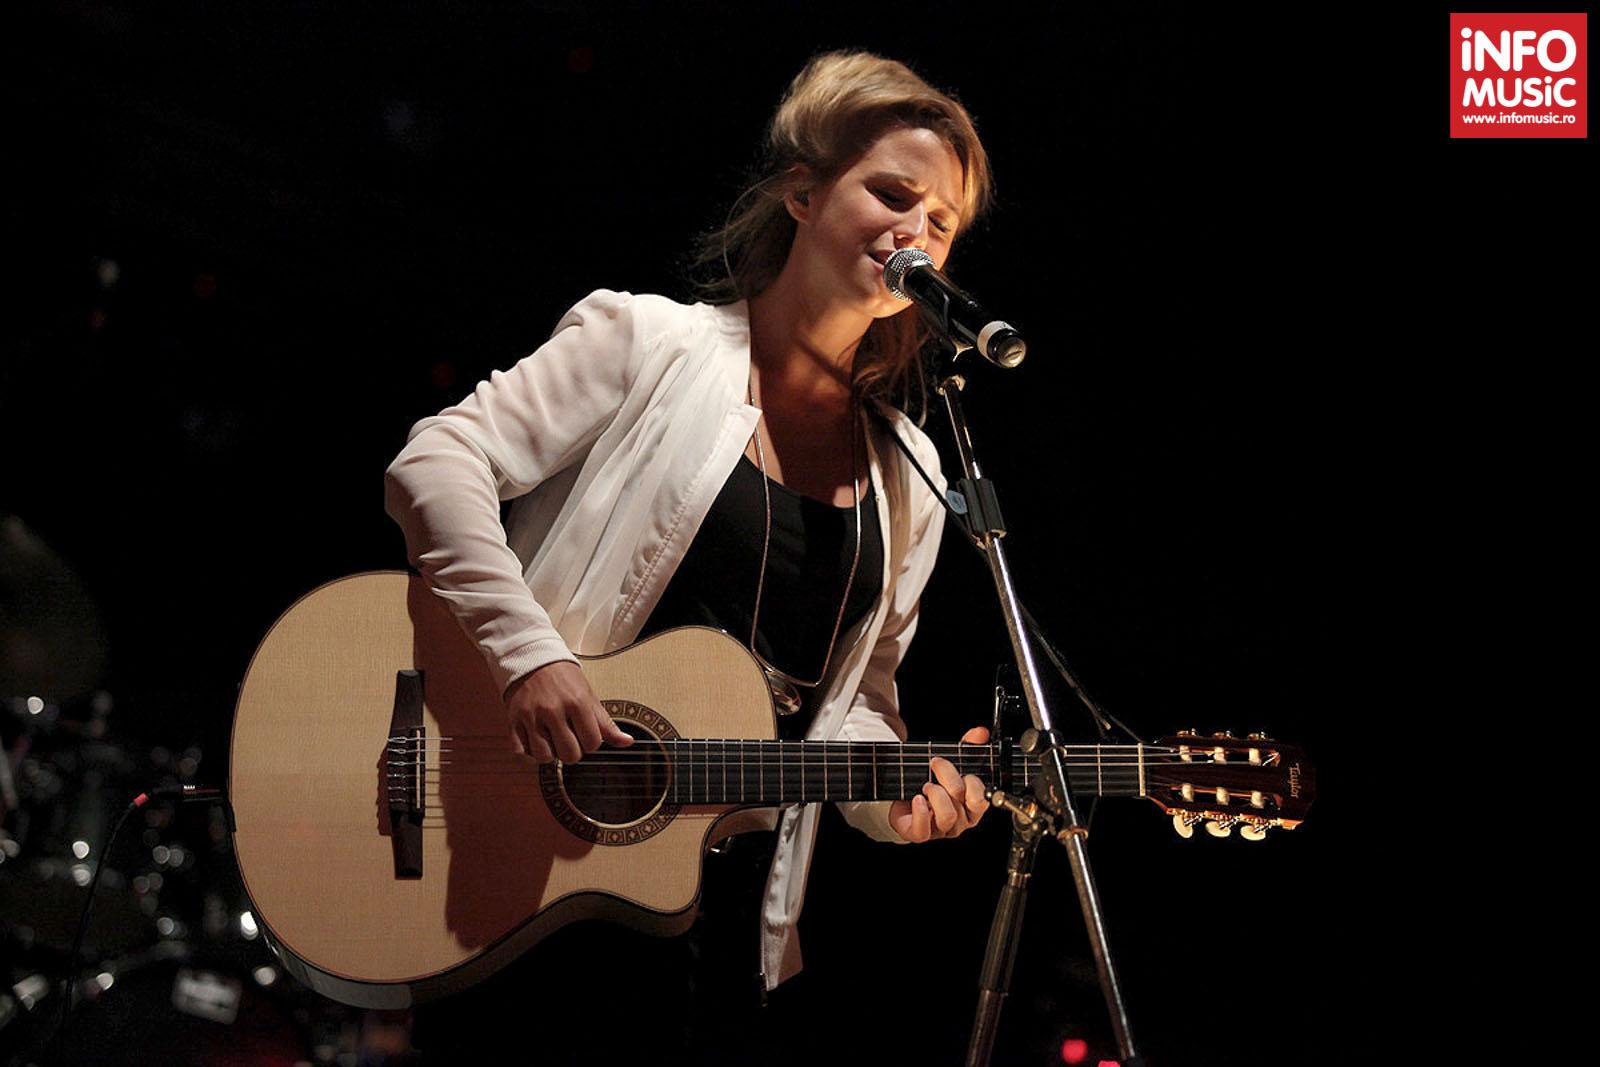 Selah Sue în cel de-al doilea ei concert la București (Arenele Romane, 22 septembrie 2013)